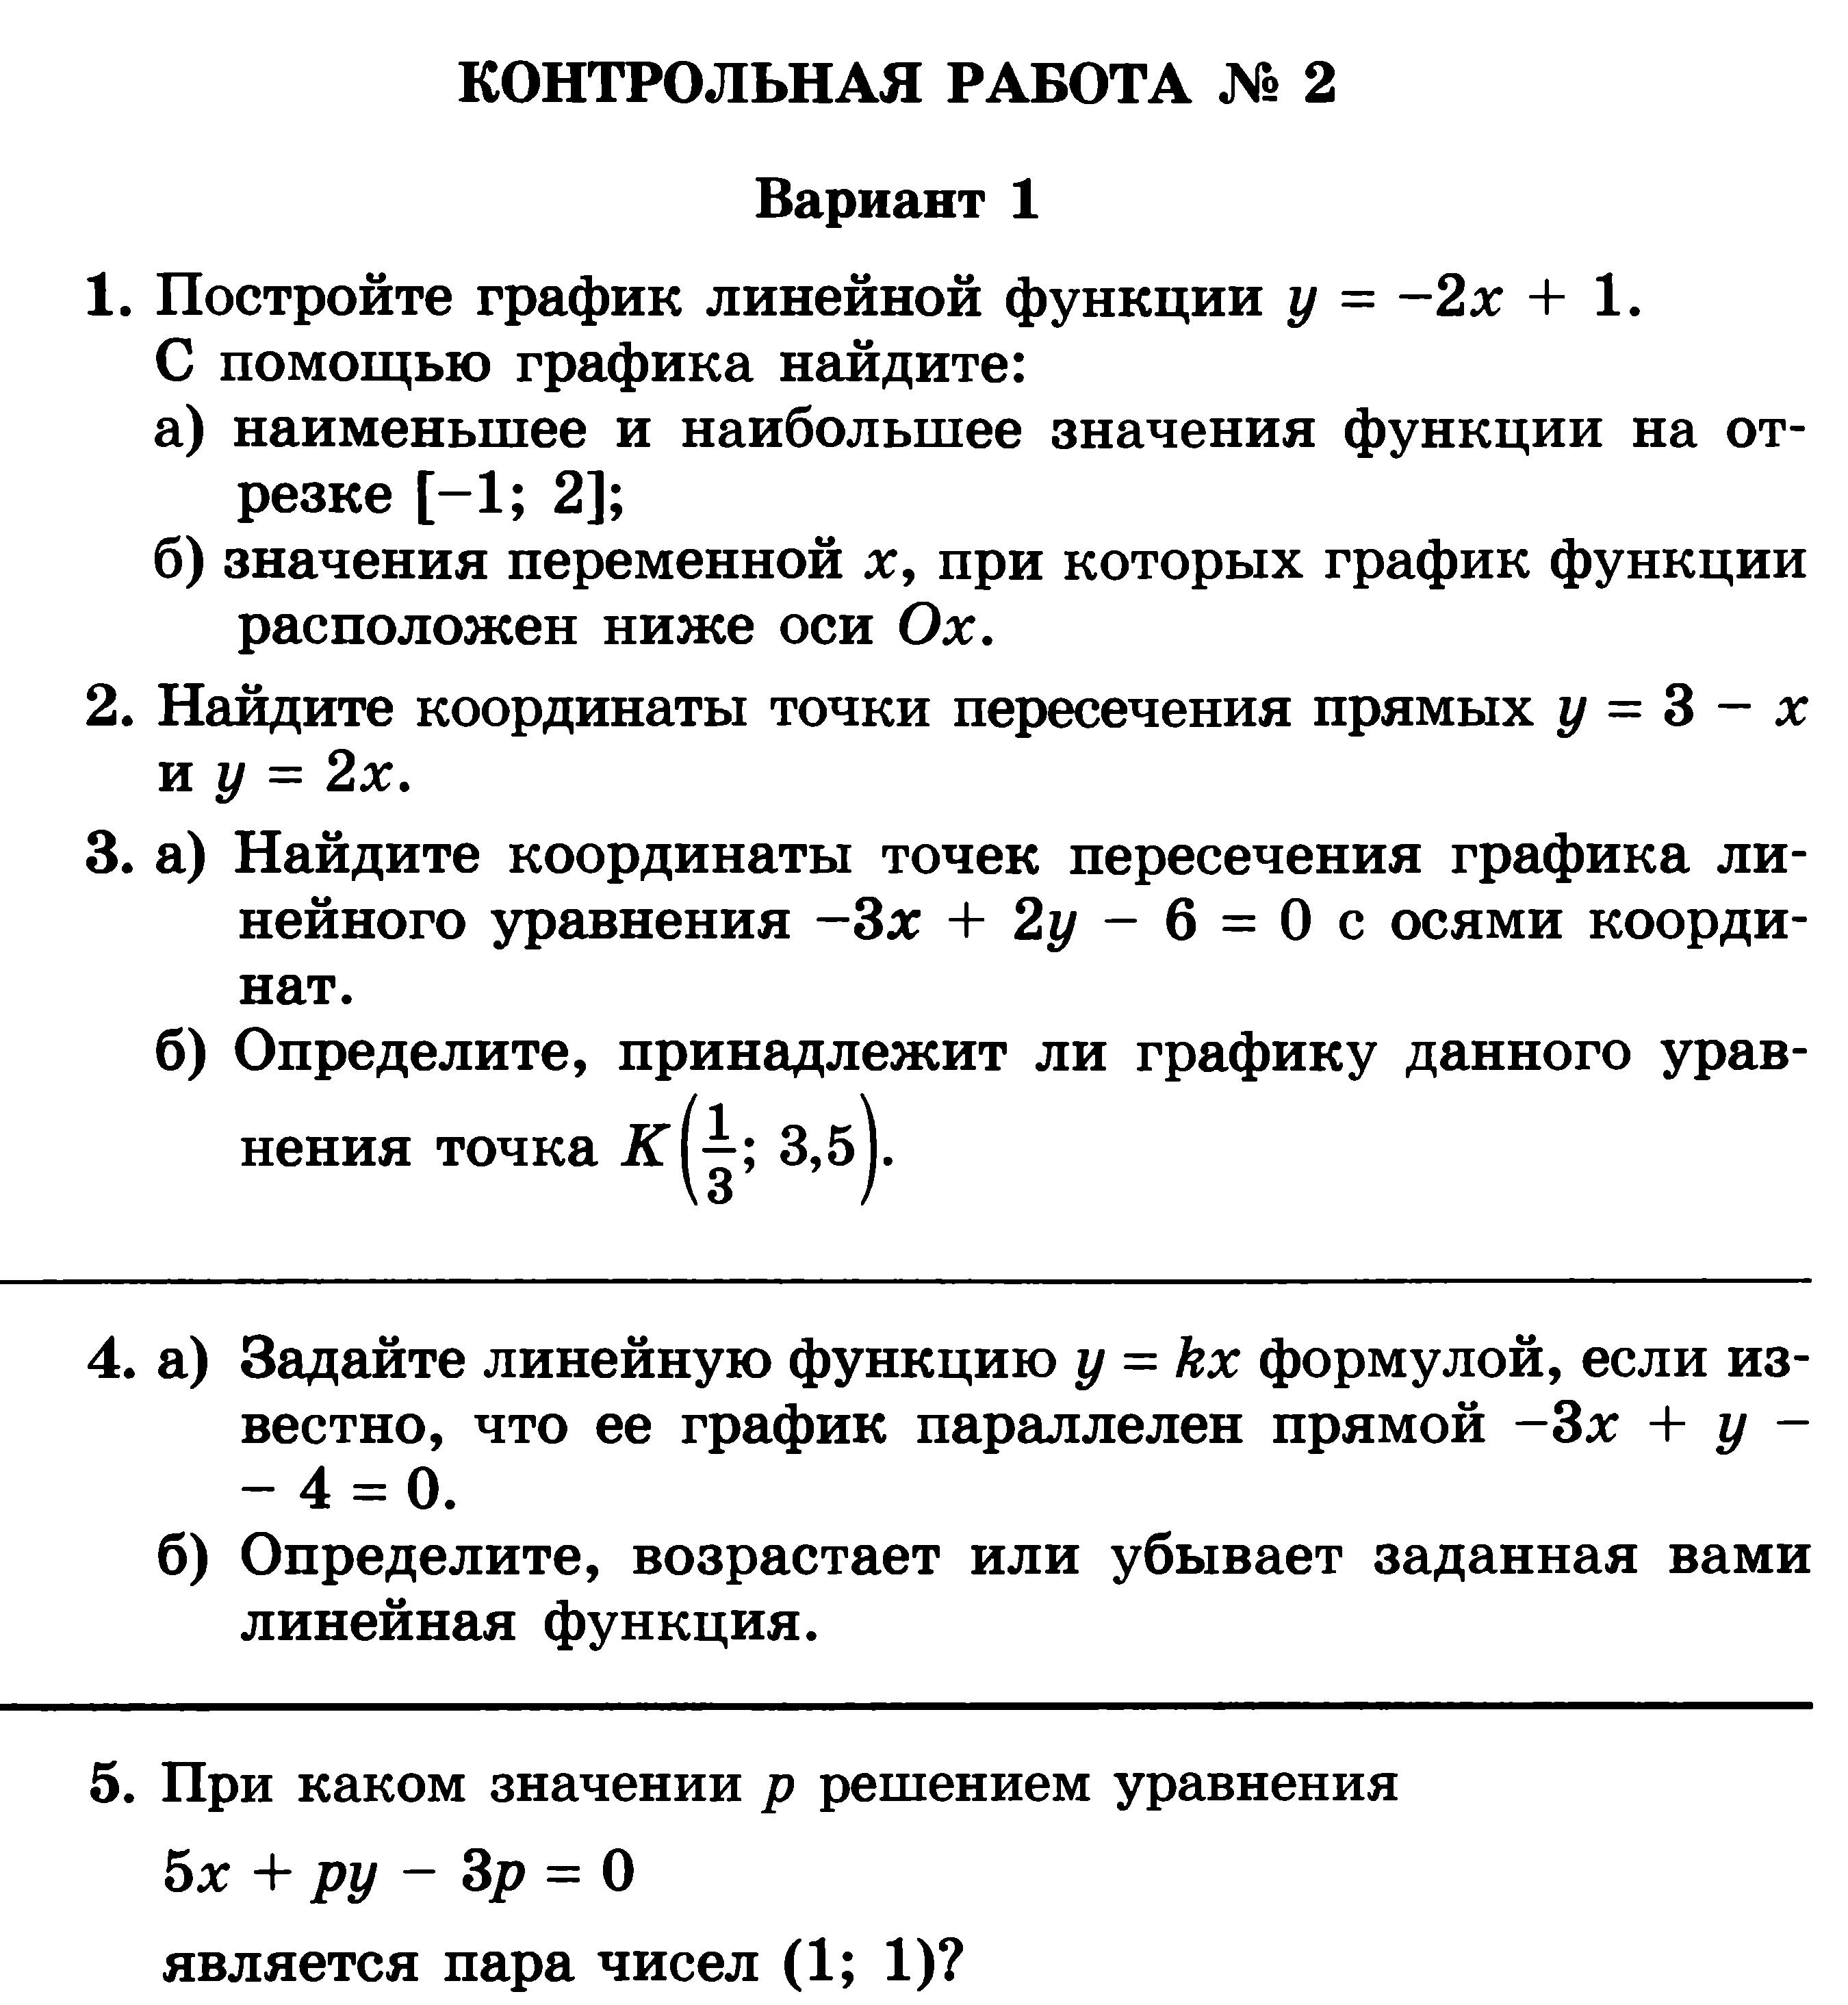 Рабочие программы по алгебре мордкович 9 класс на 3 часа